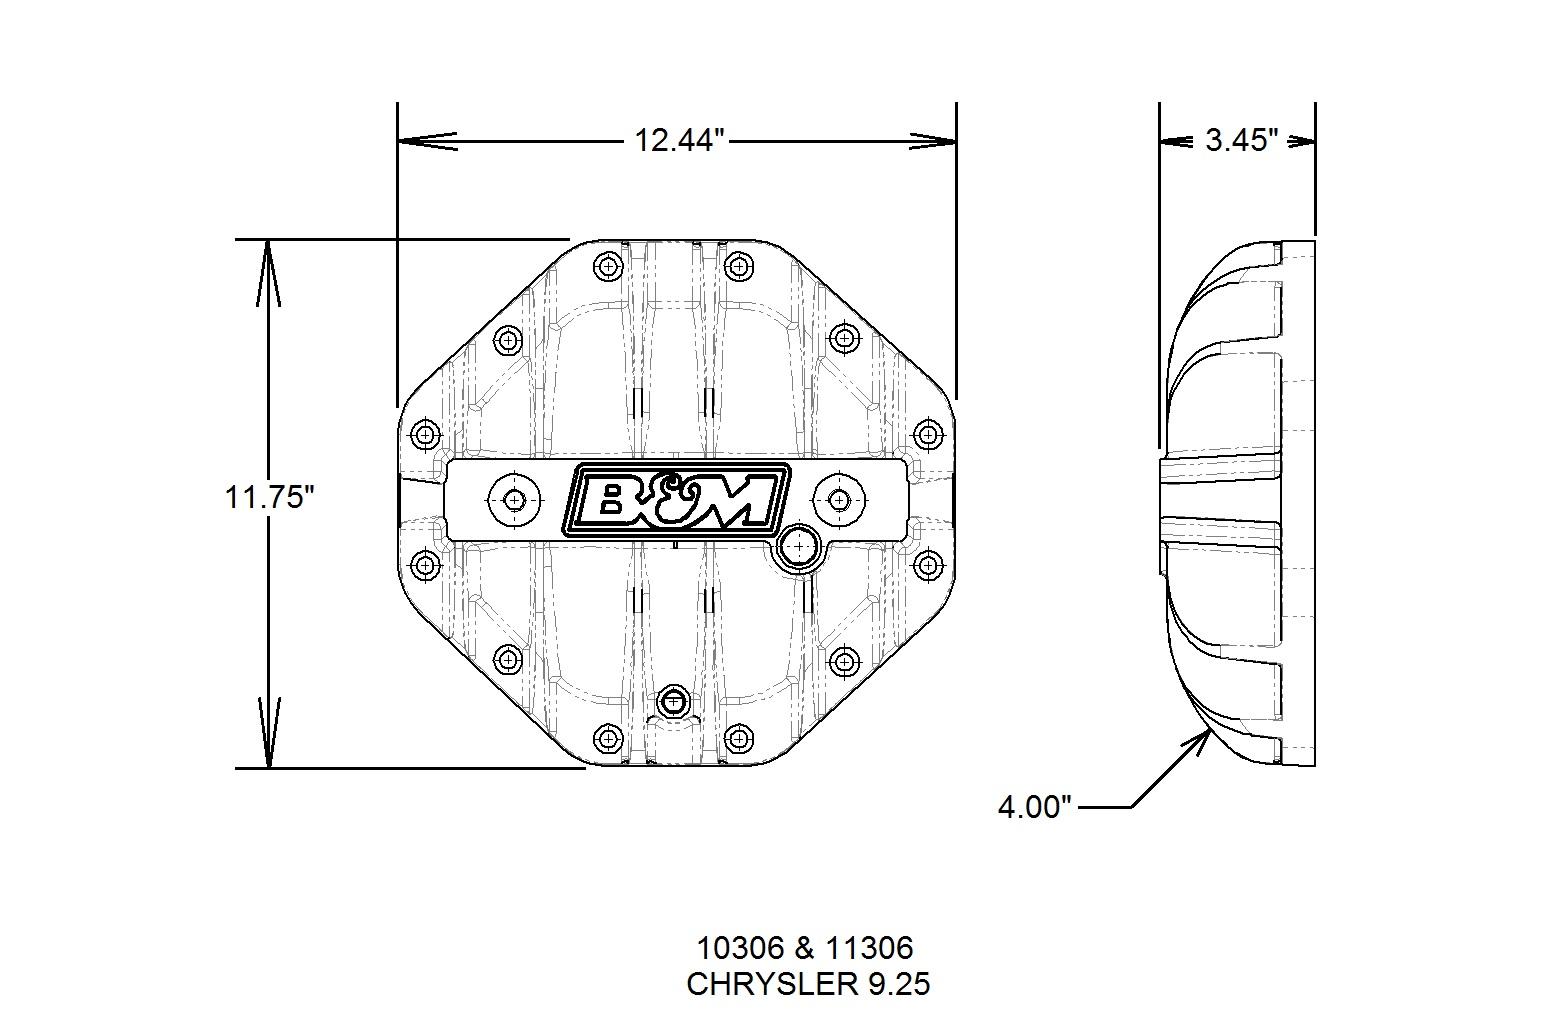 B&M Hi-Tek Aluminum Differential Cover for Chrysler 9.25-inch - Black